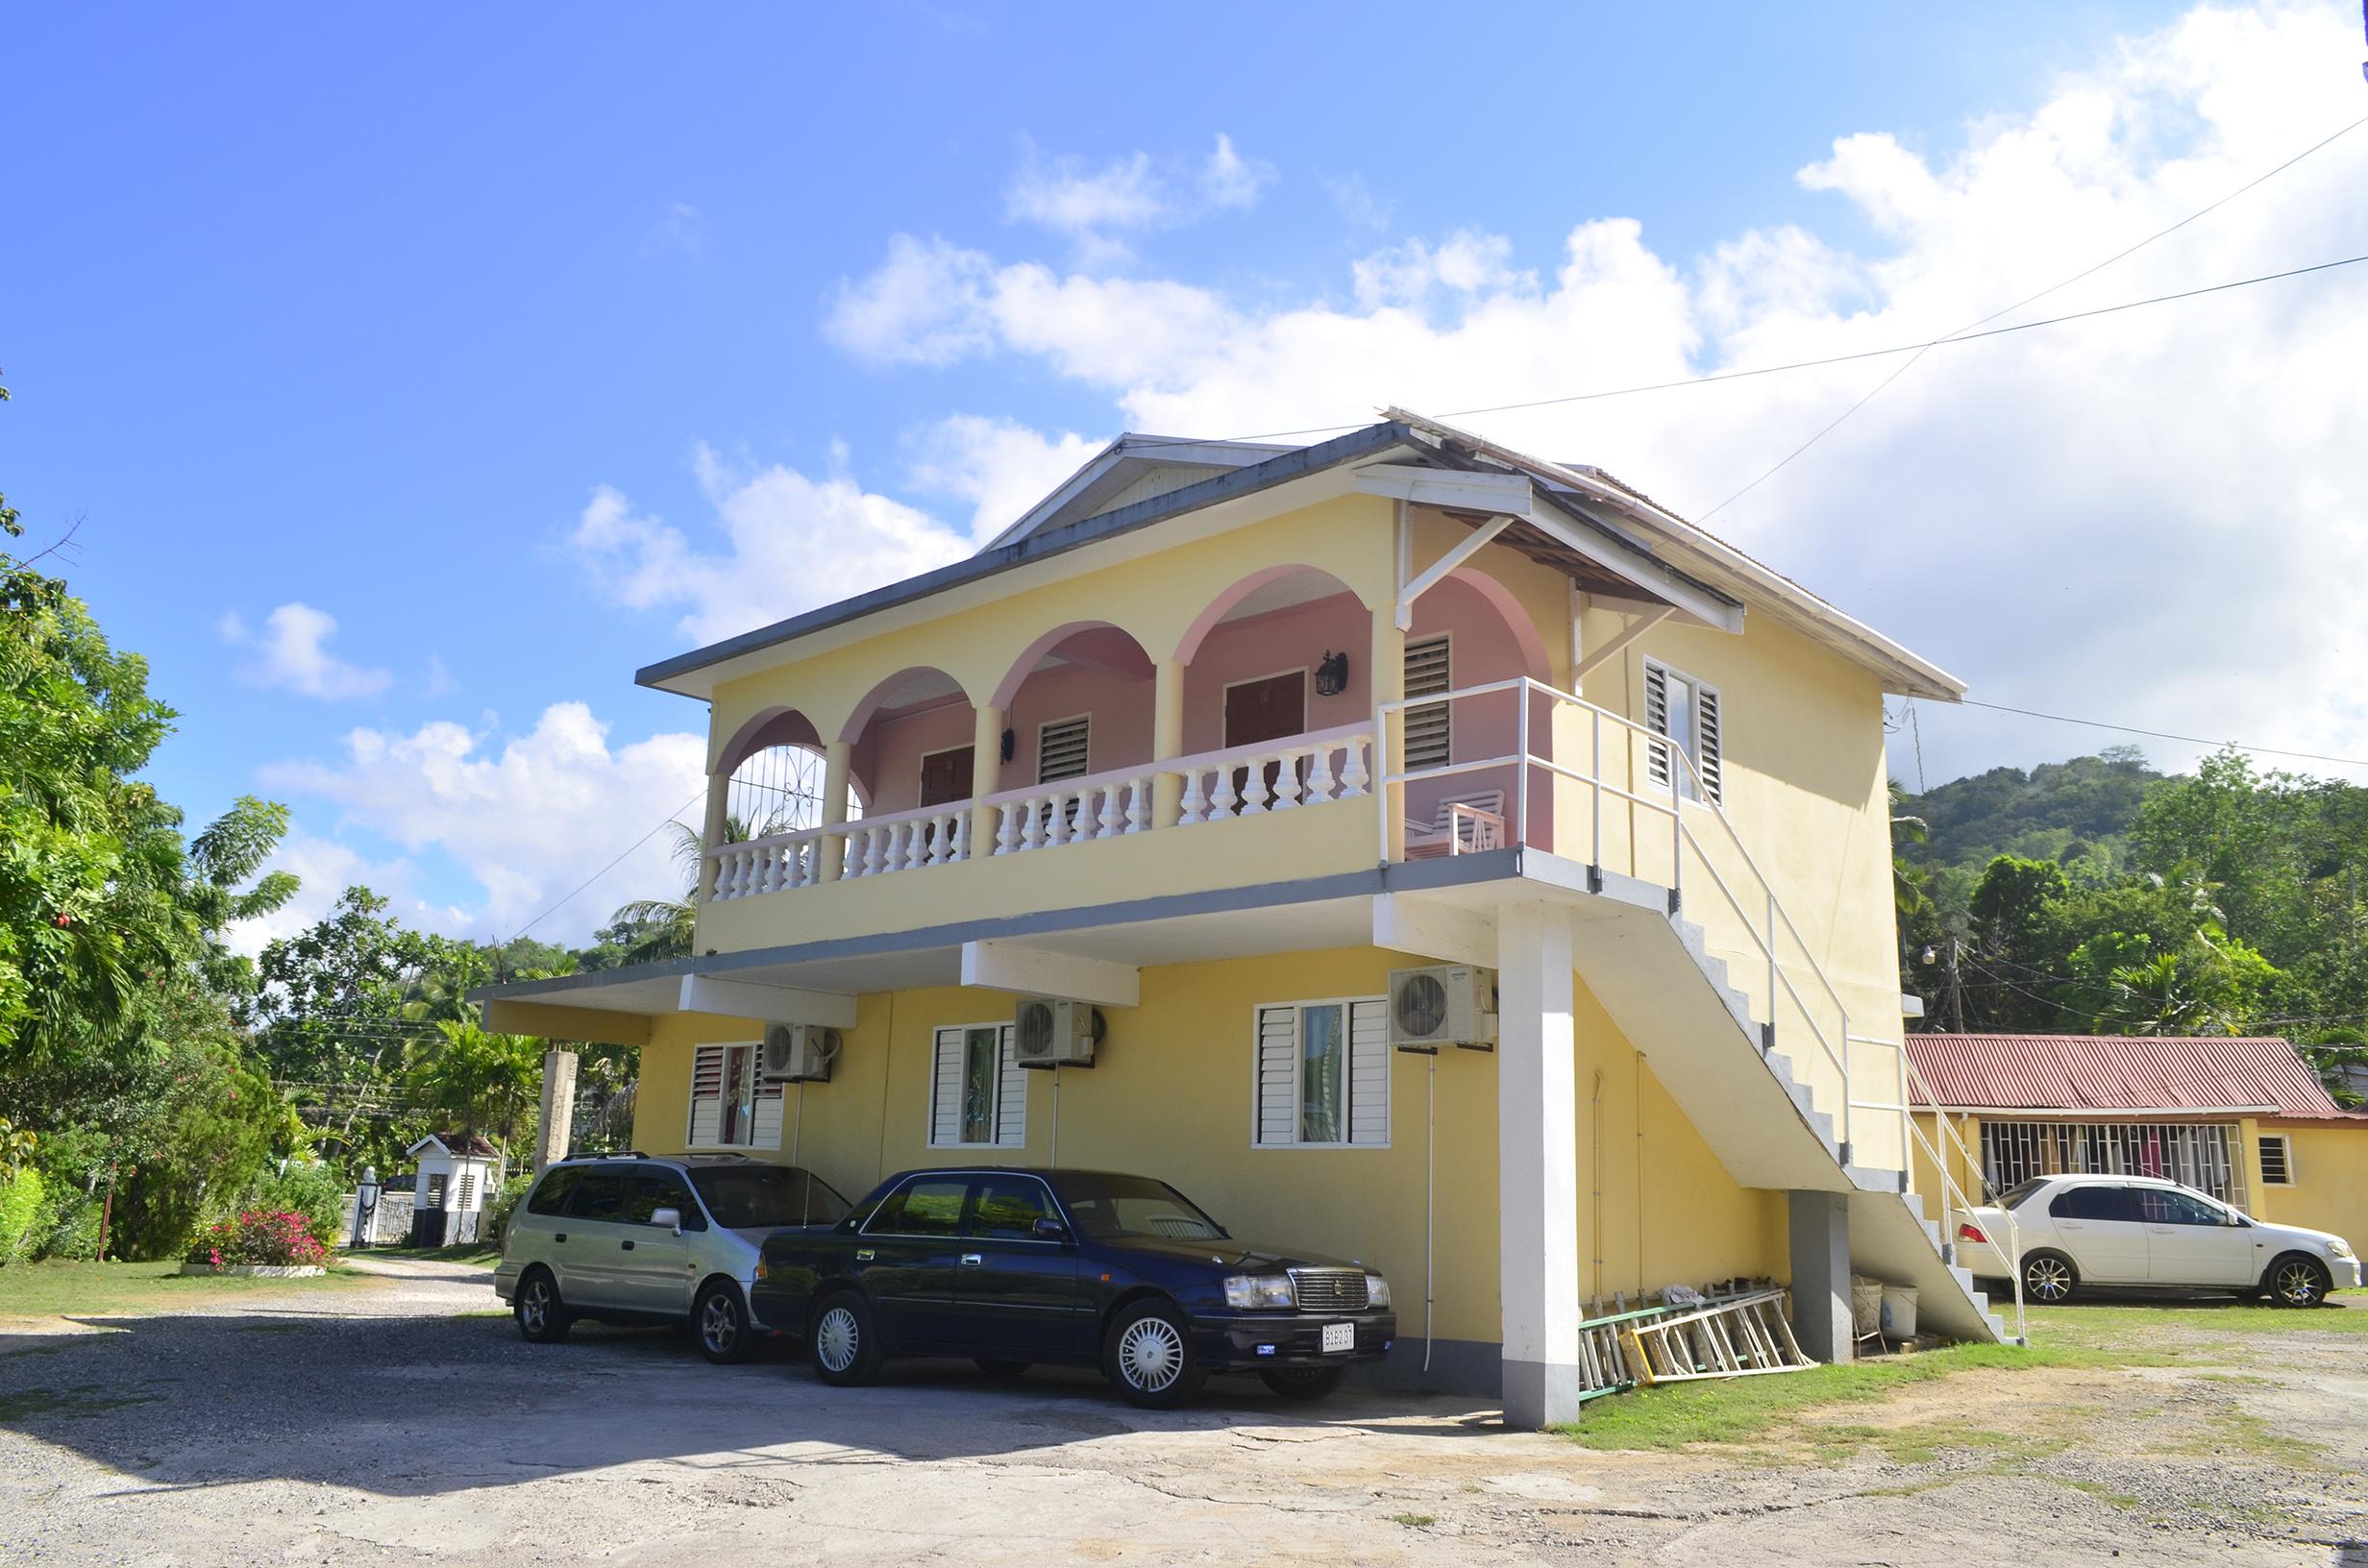 House Rental Properties In Ocho Rios Jamaica Little